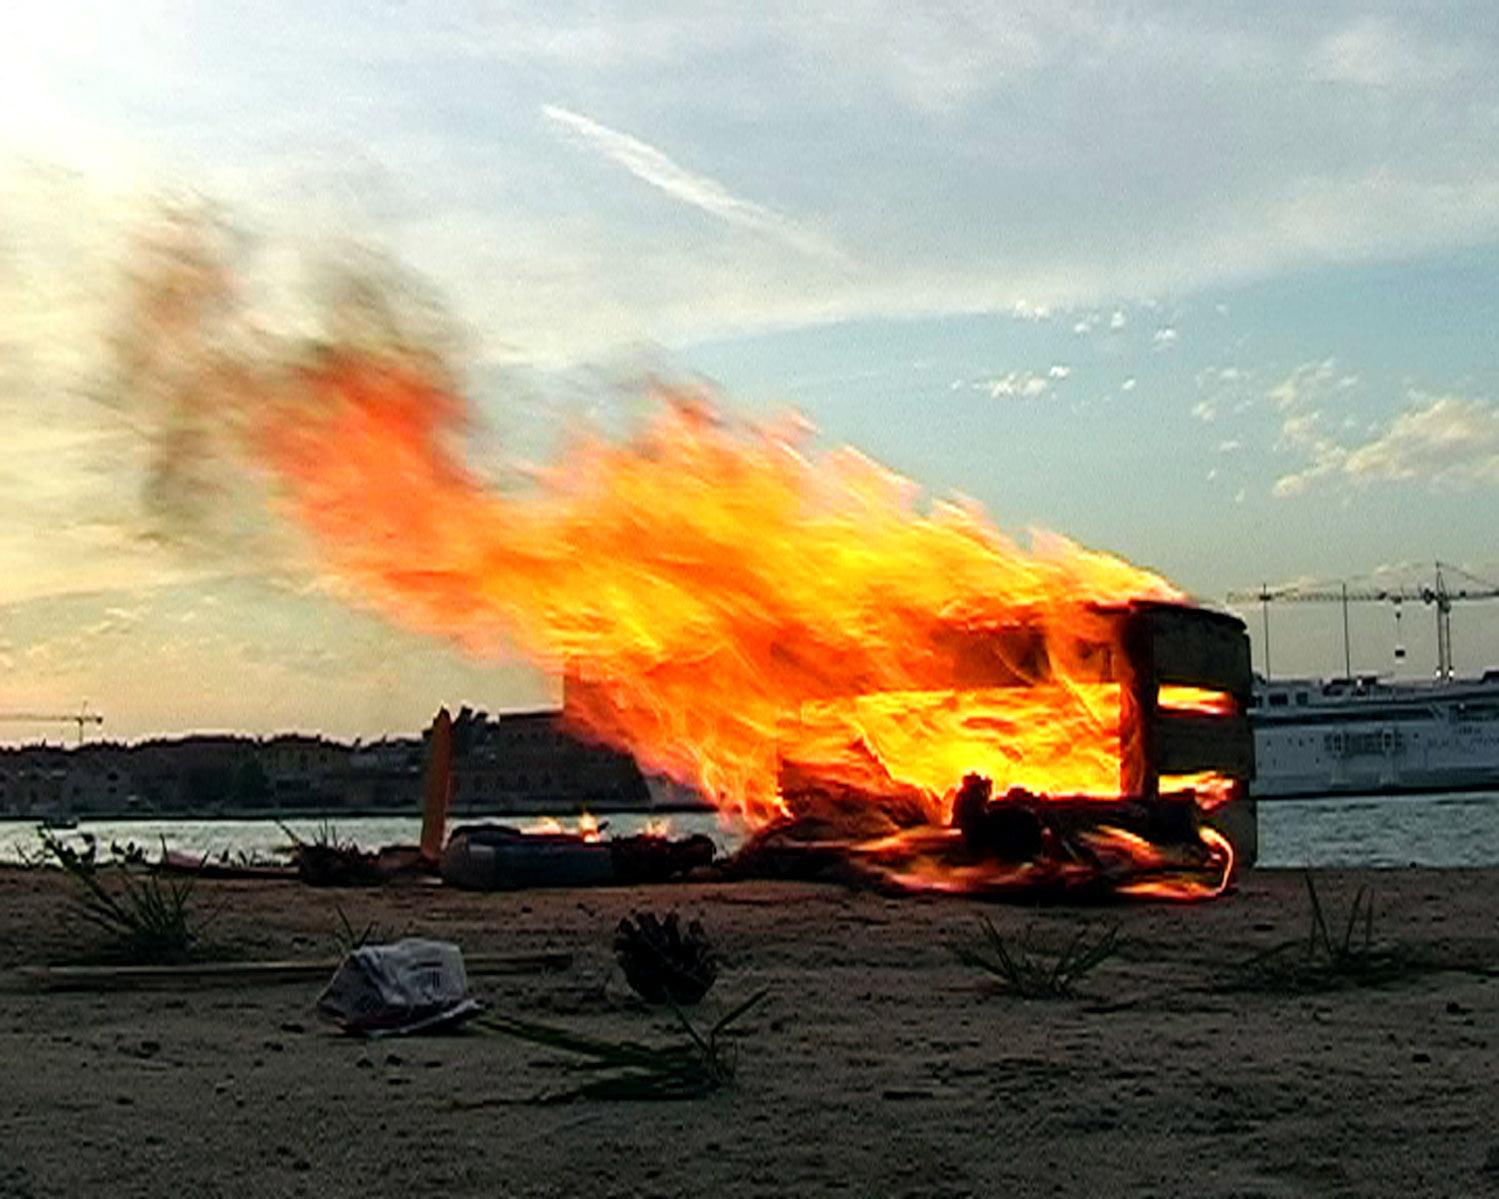 michel_couturier-bonfire03_2007